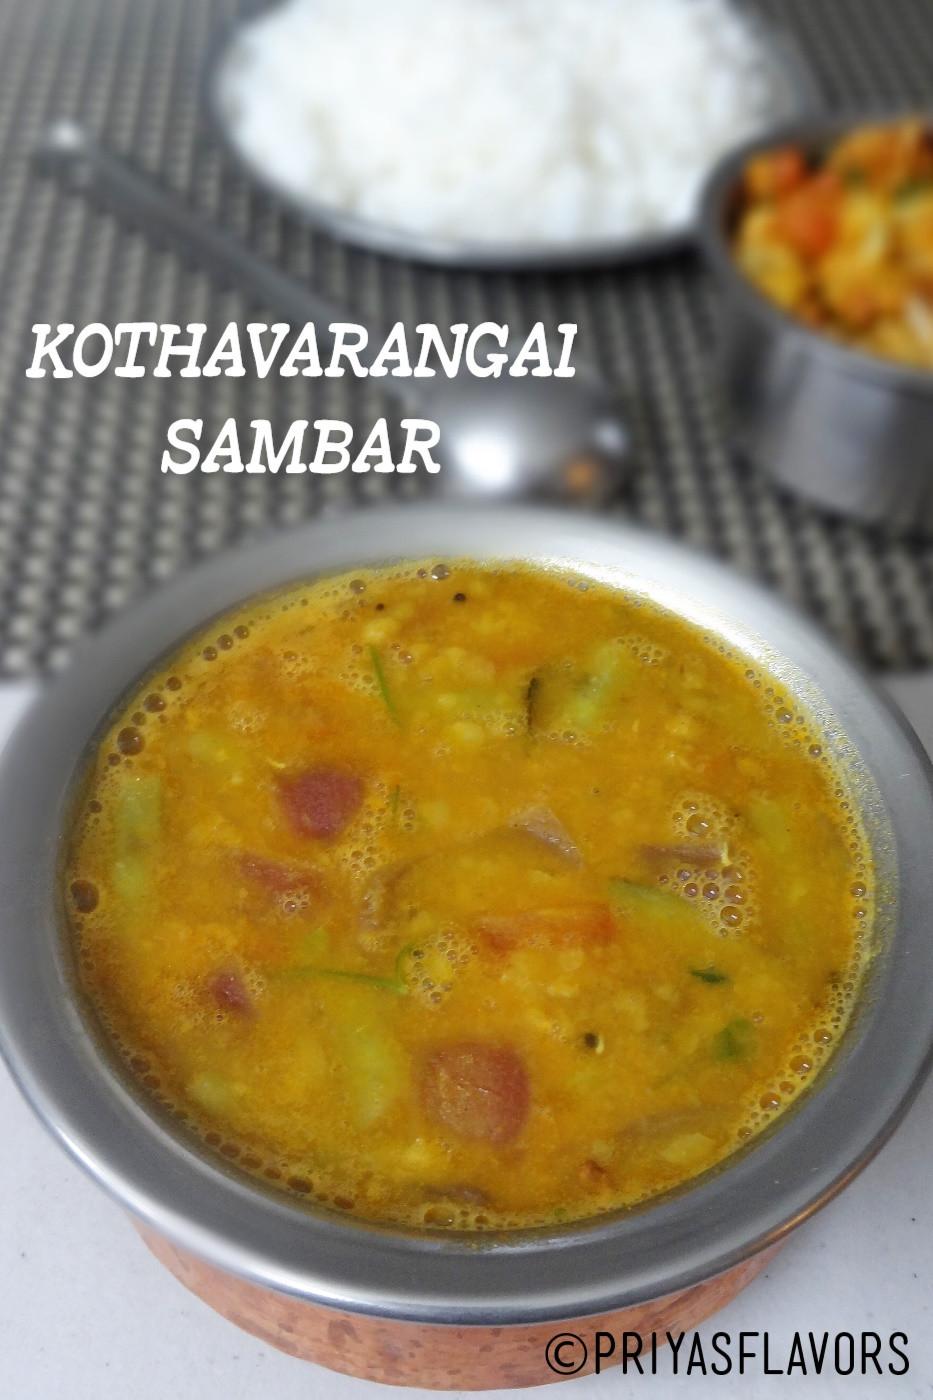 kothavarangai sambar